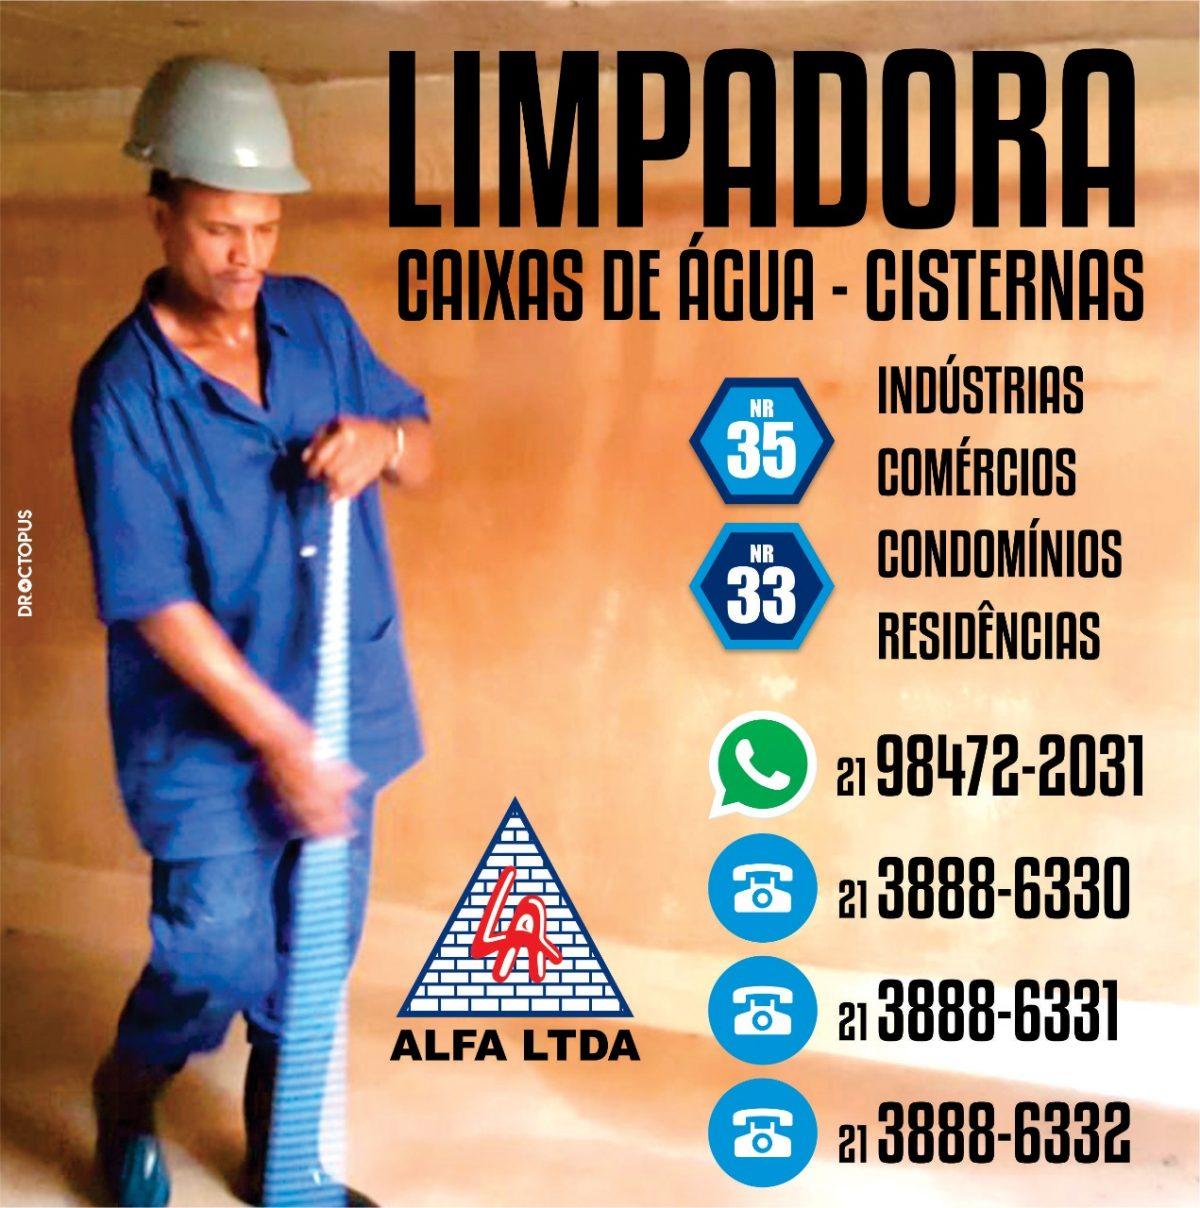 limpadora-industrias-comercios-condominio